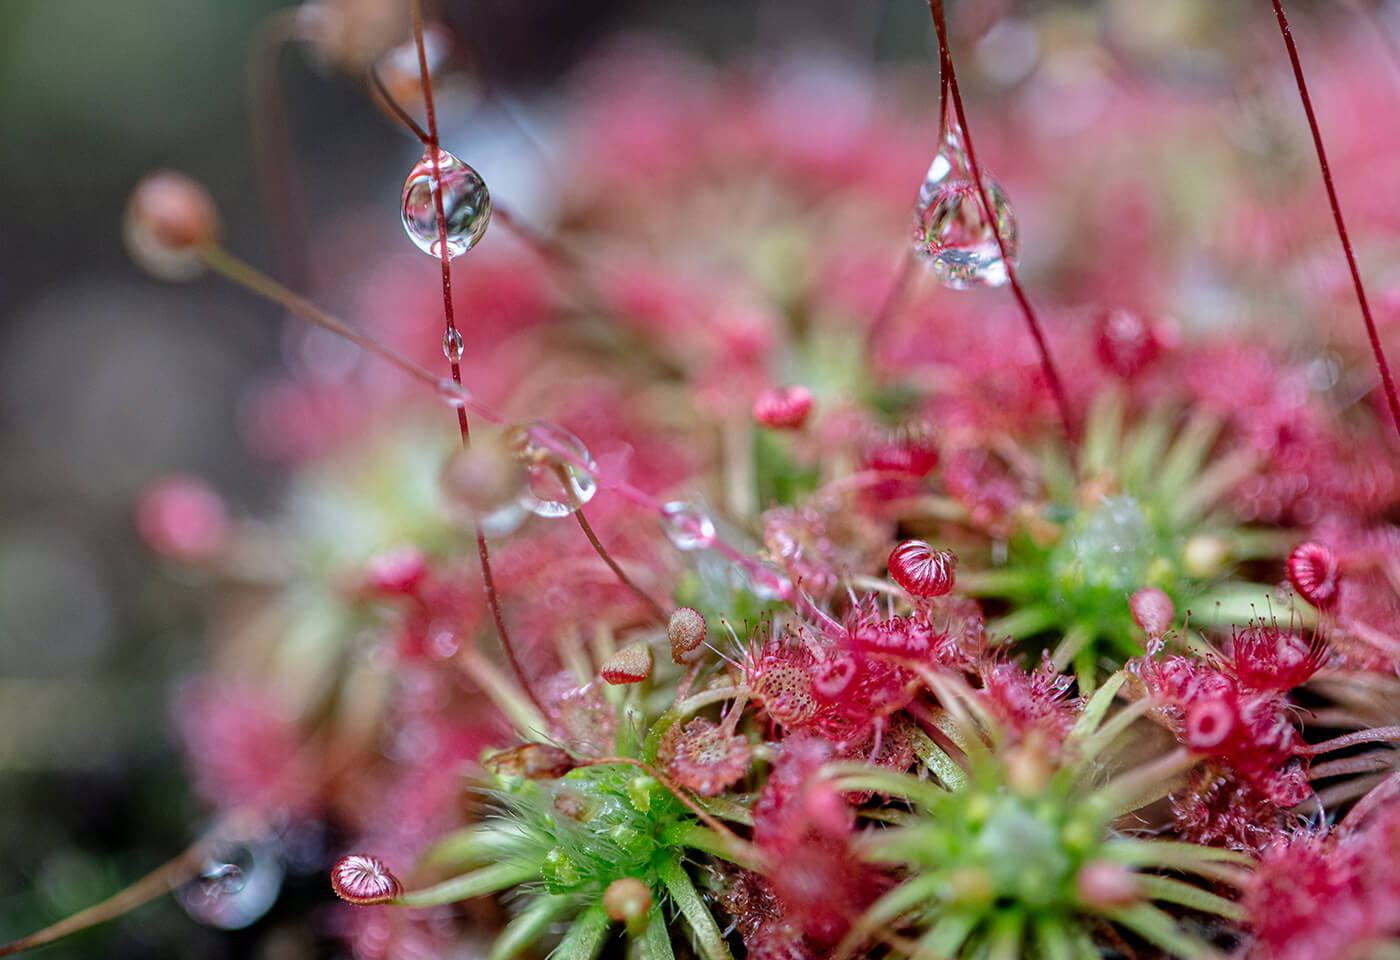 Macro image of flower by Jenn Cooper